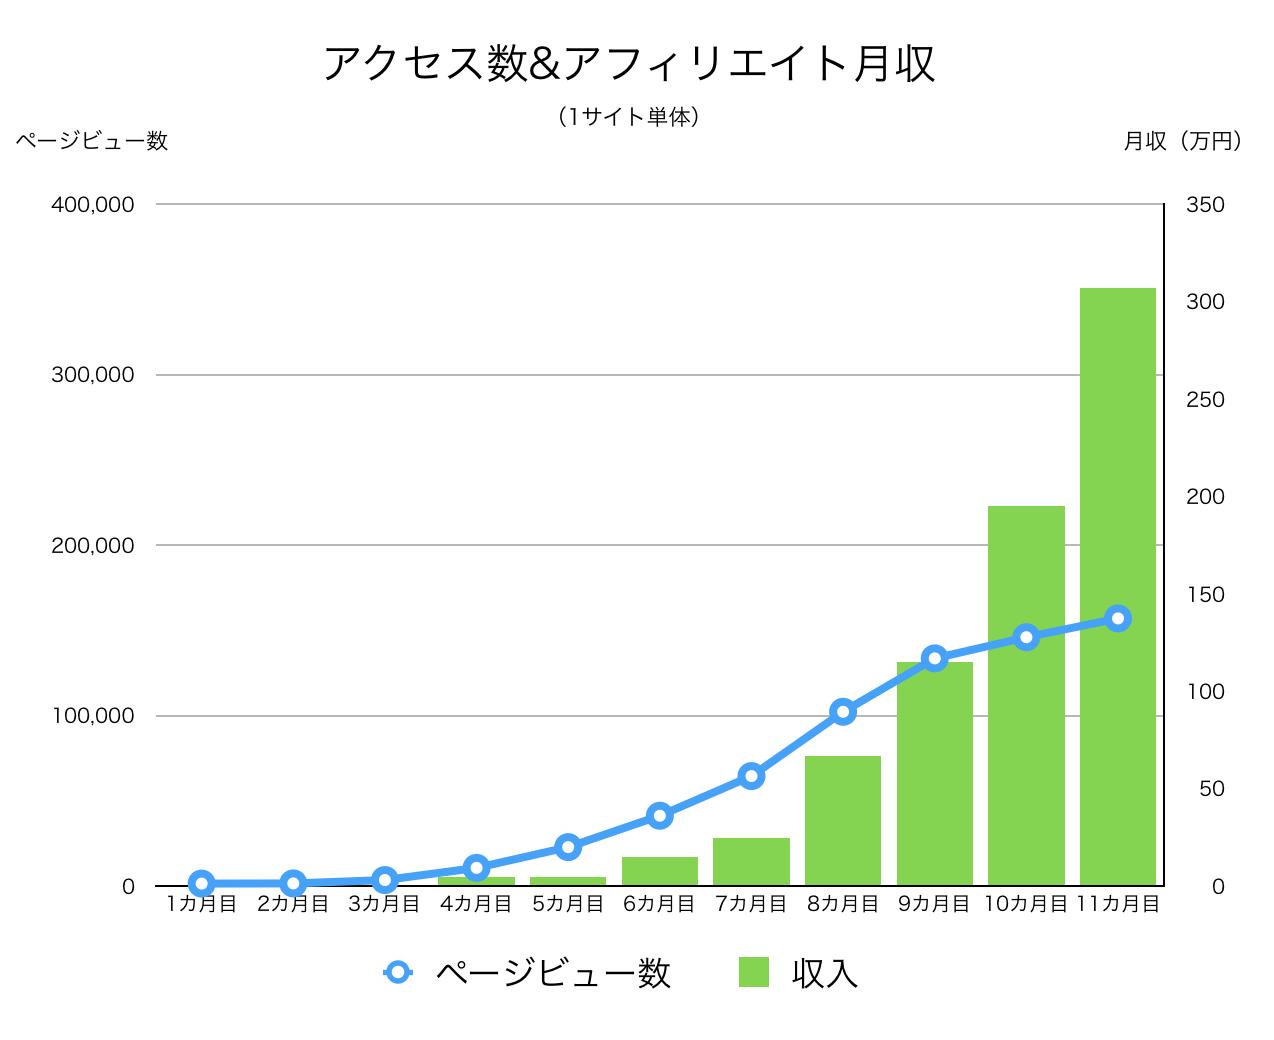 サイト開設直後から11カ月間のアクセス数&収益